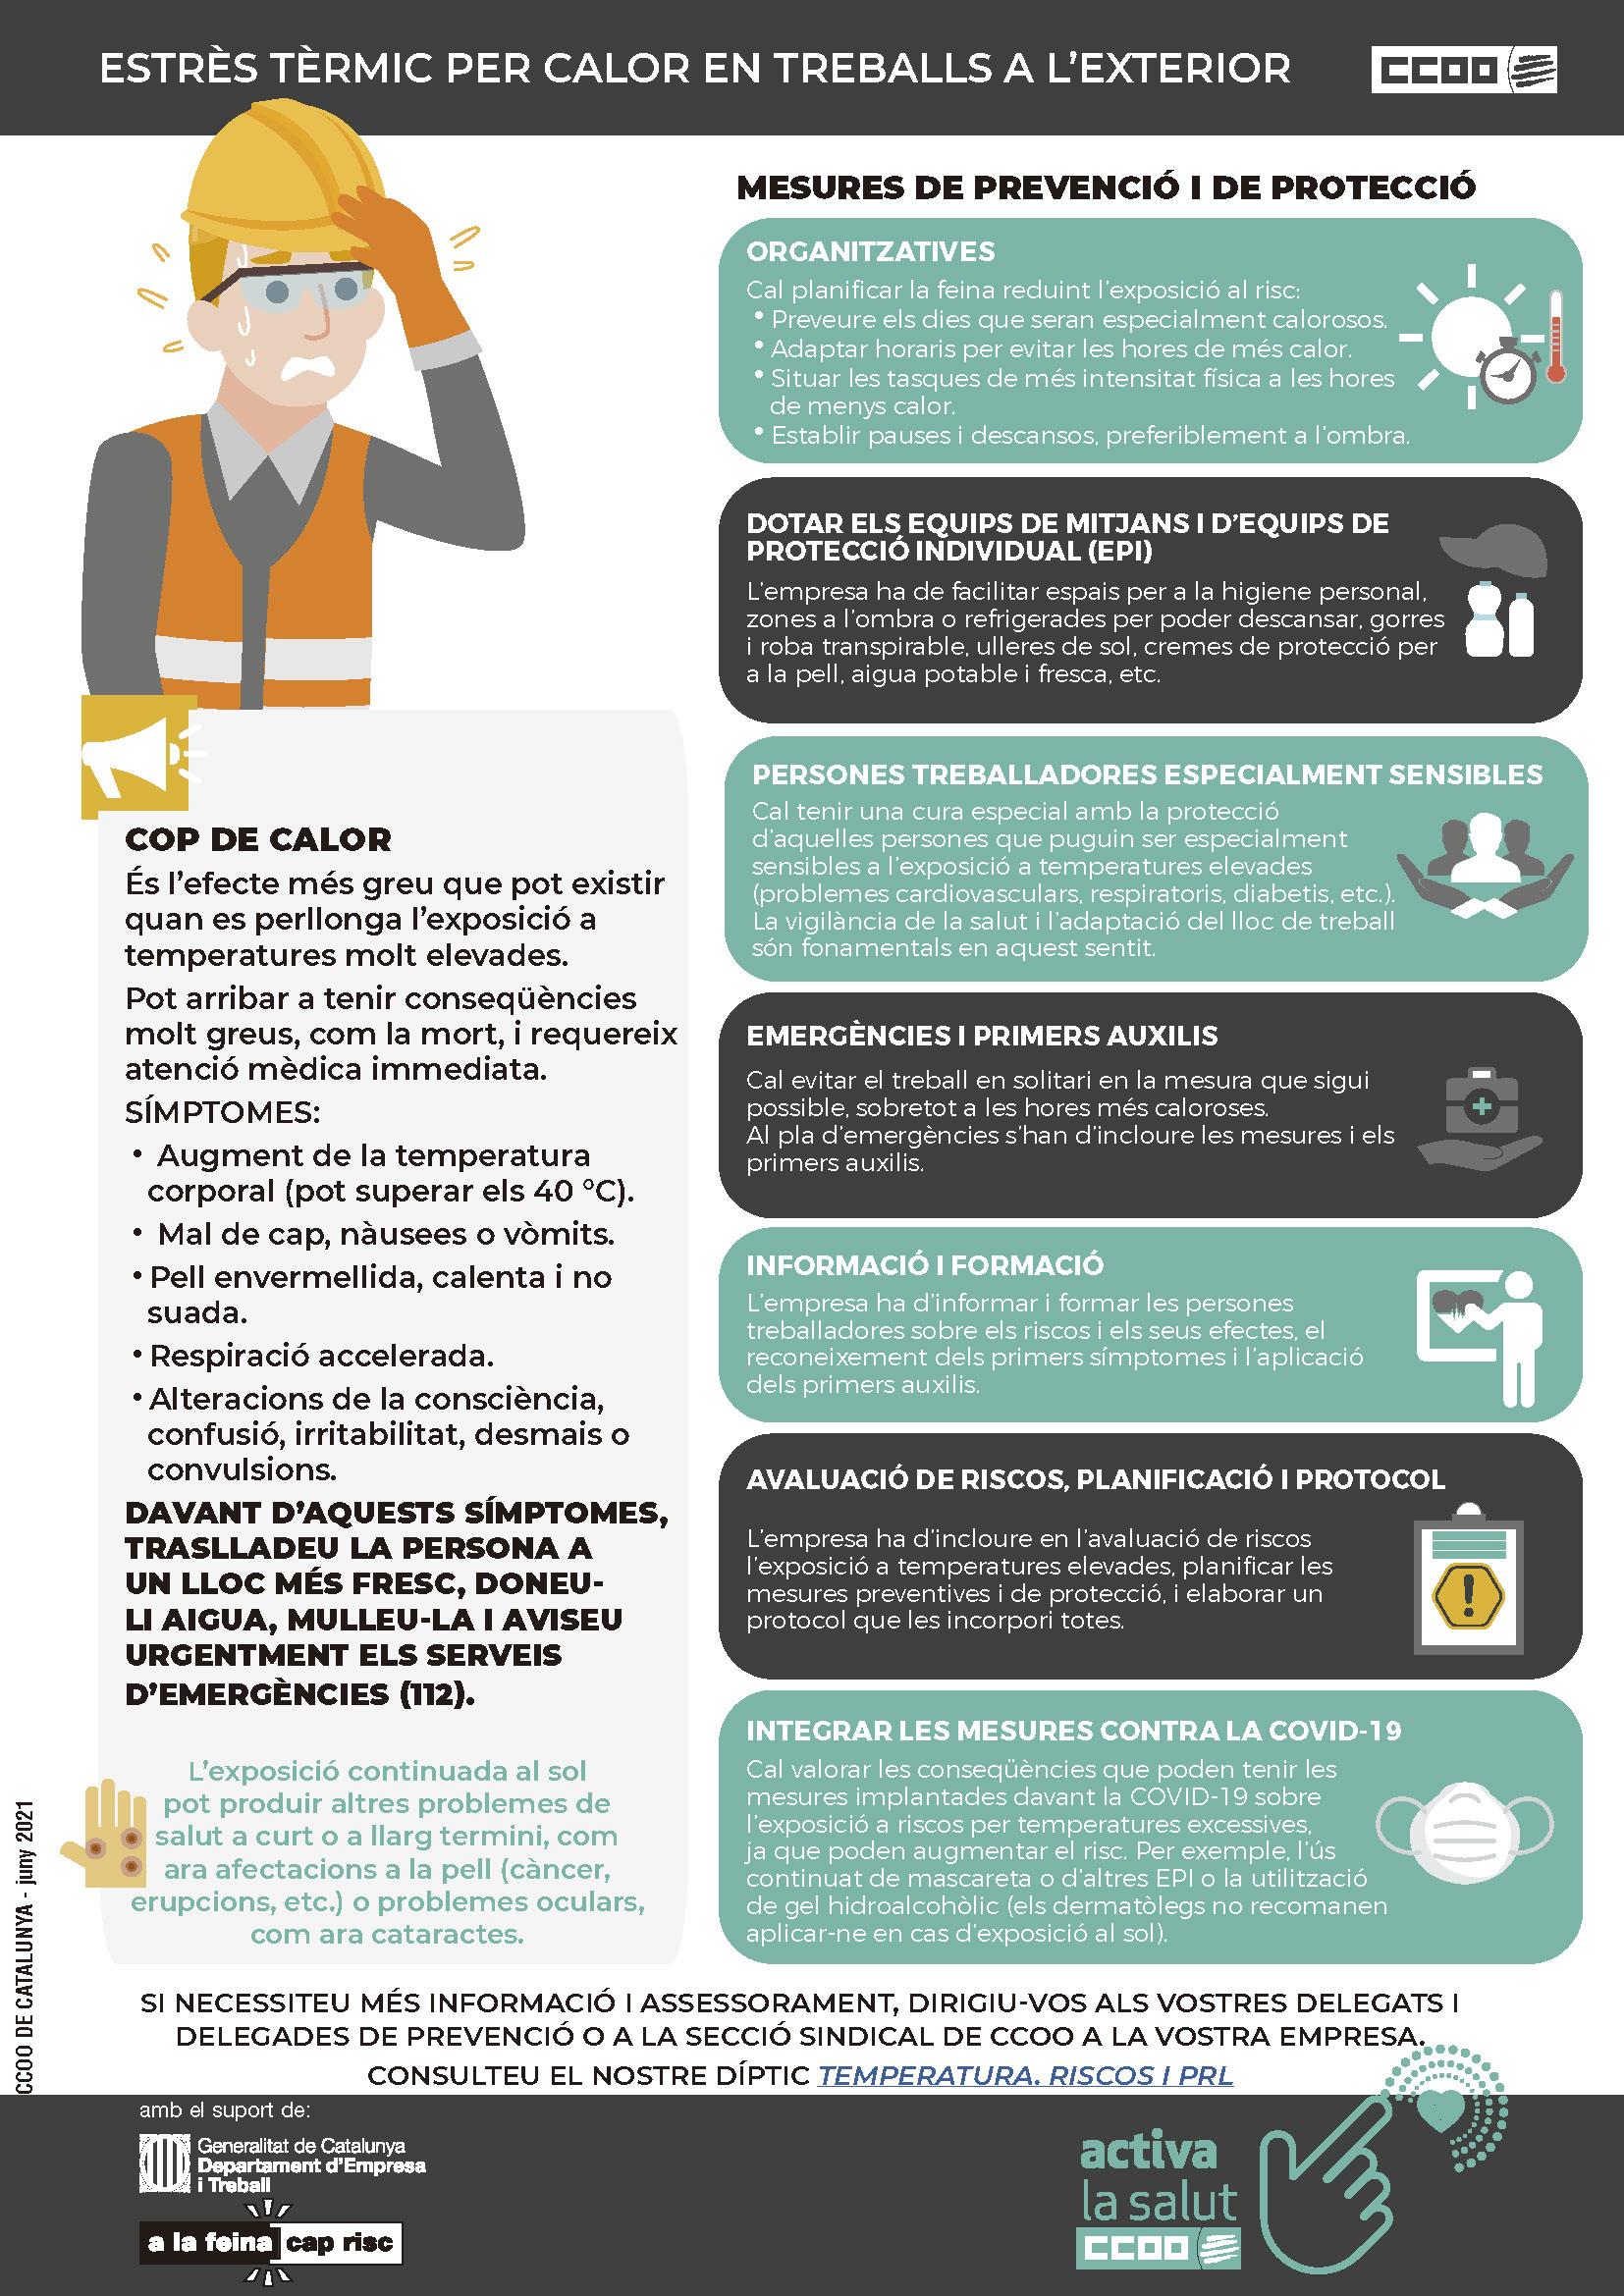 Infografia Estrès tèrmic per calor en treballs a l'exterior